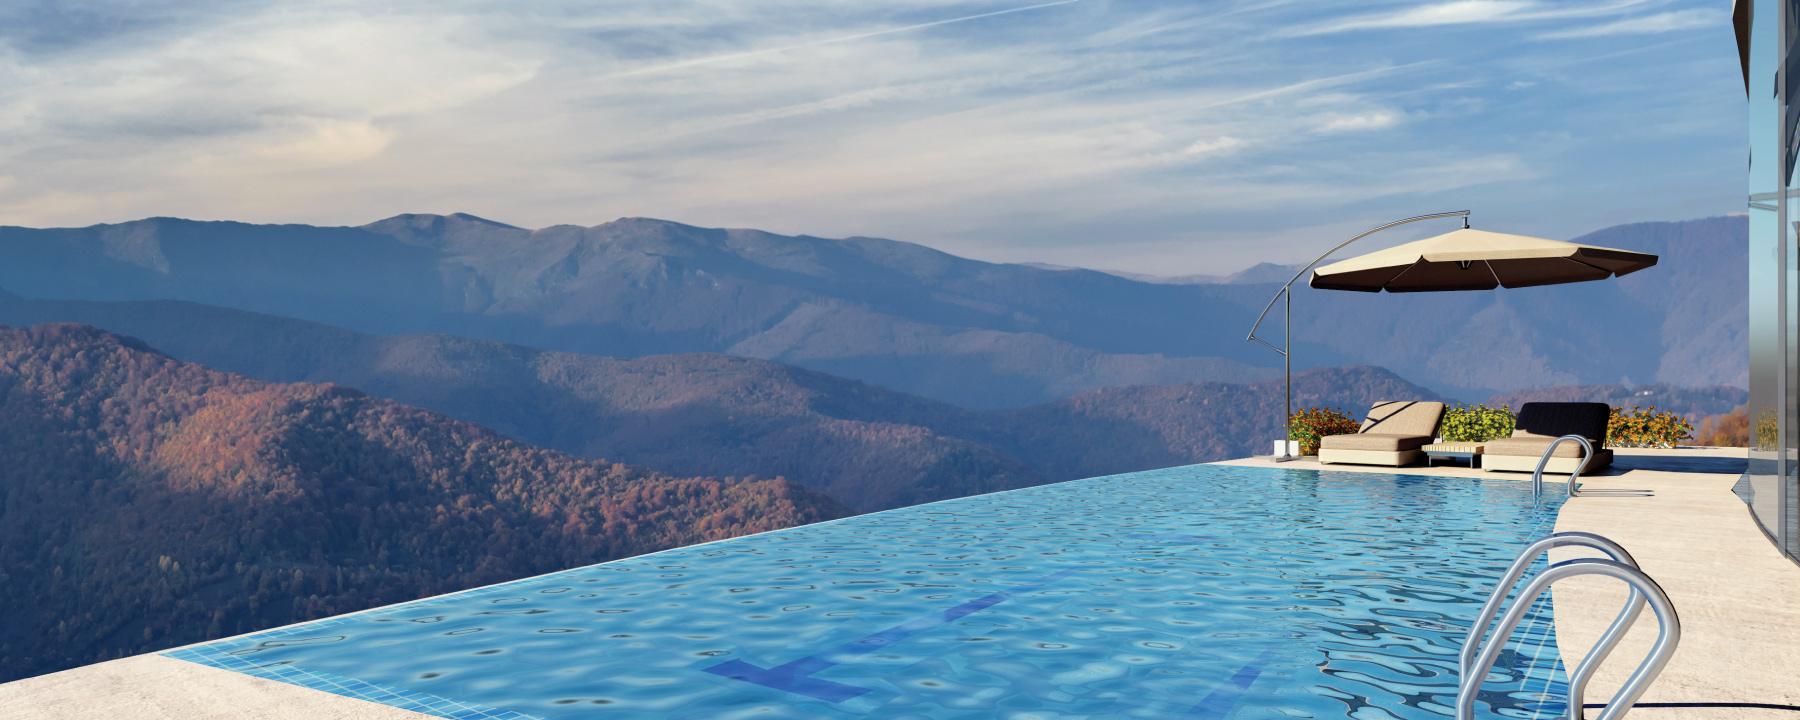 Montviro - Infinity Pool